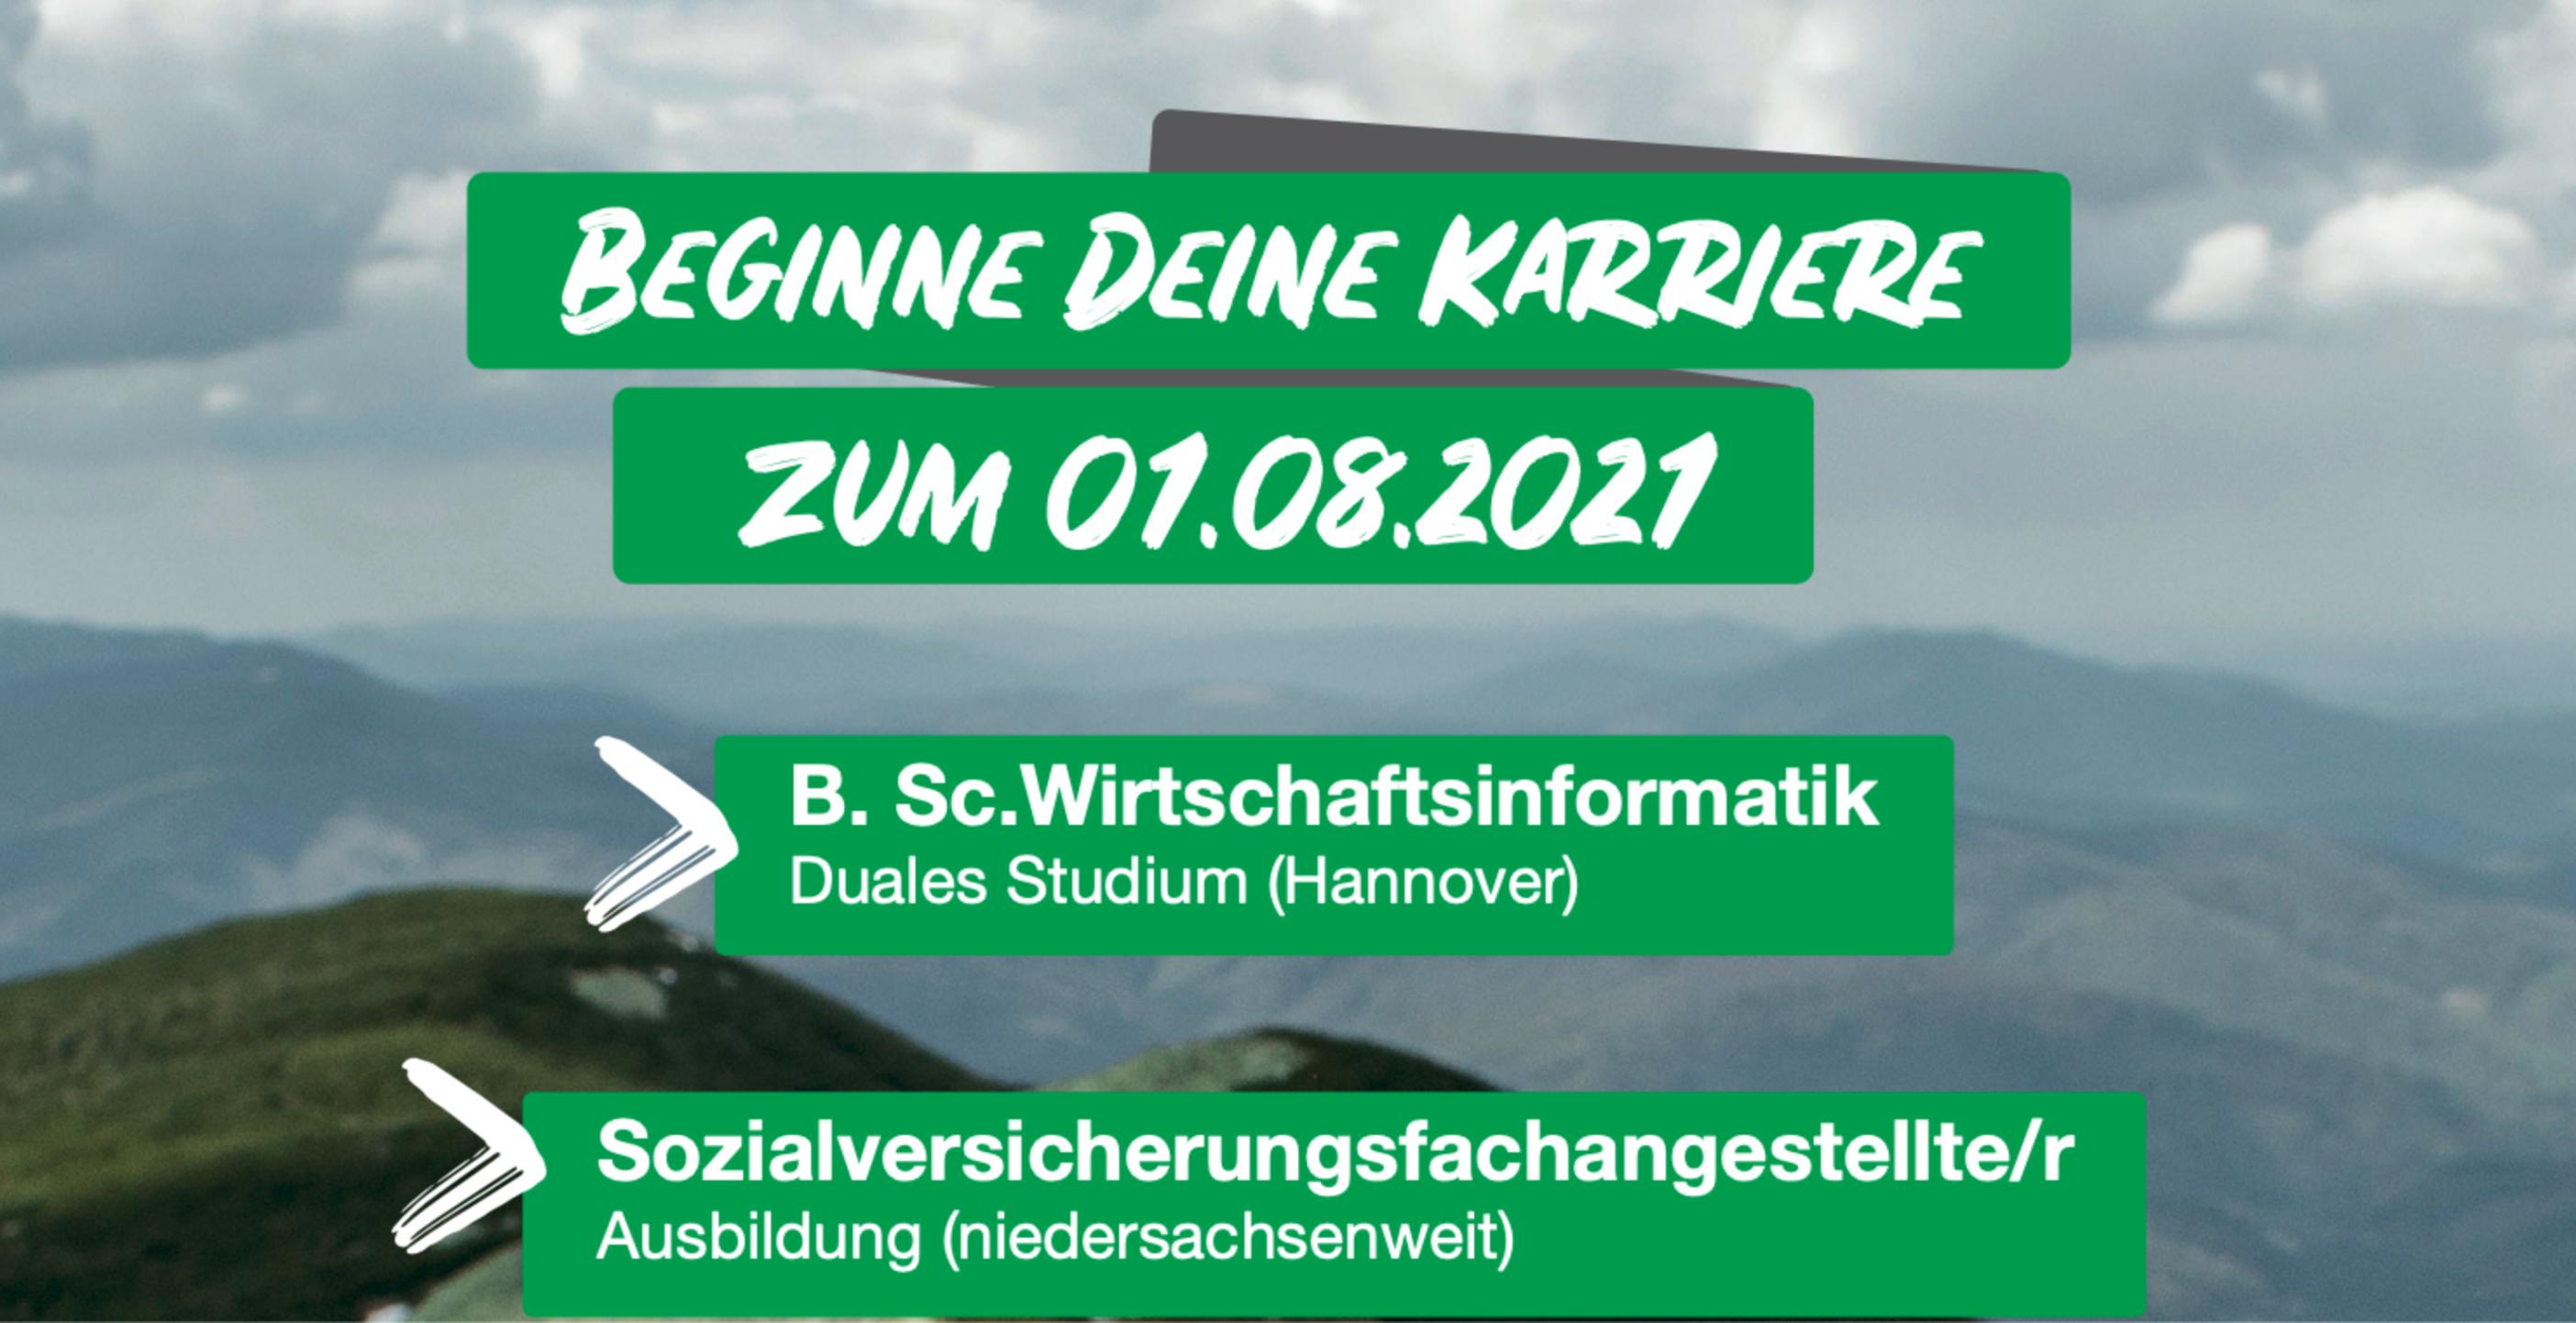 Bildschirmfoto 2020-10-05 um 17.25.48.png – AOK - Die Gesundheitskasse für Niedersachsen